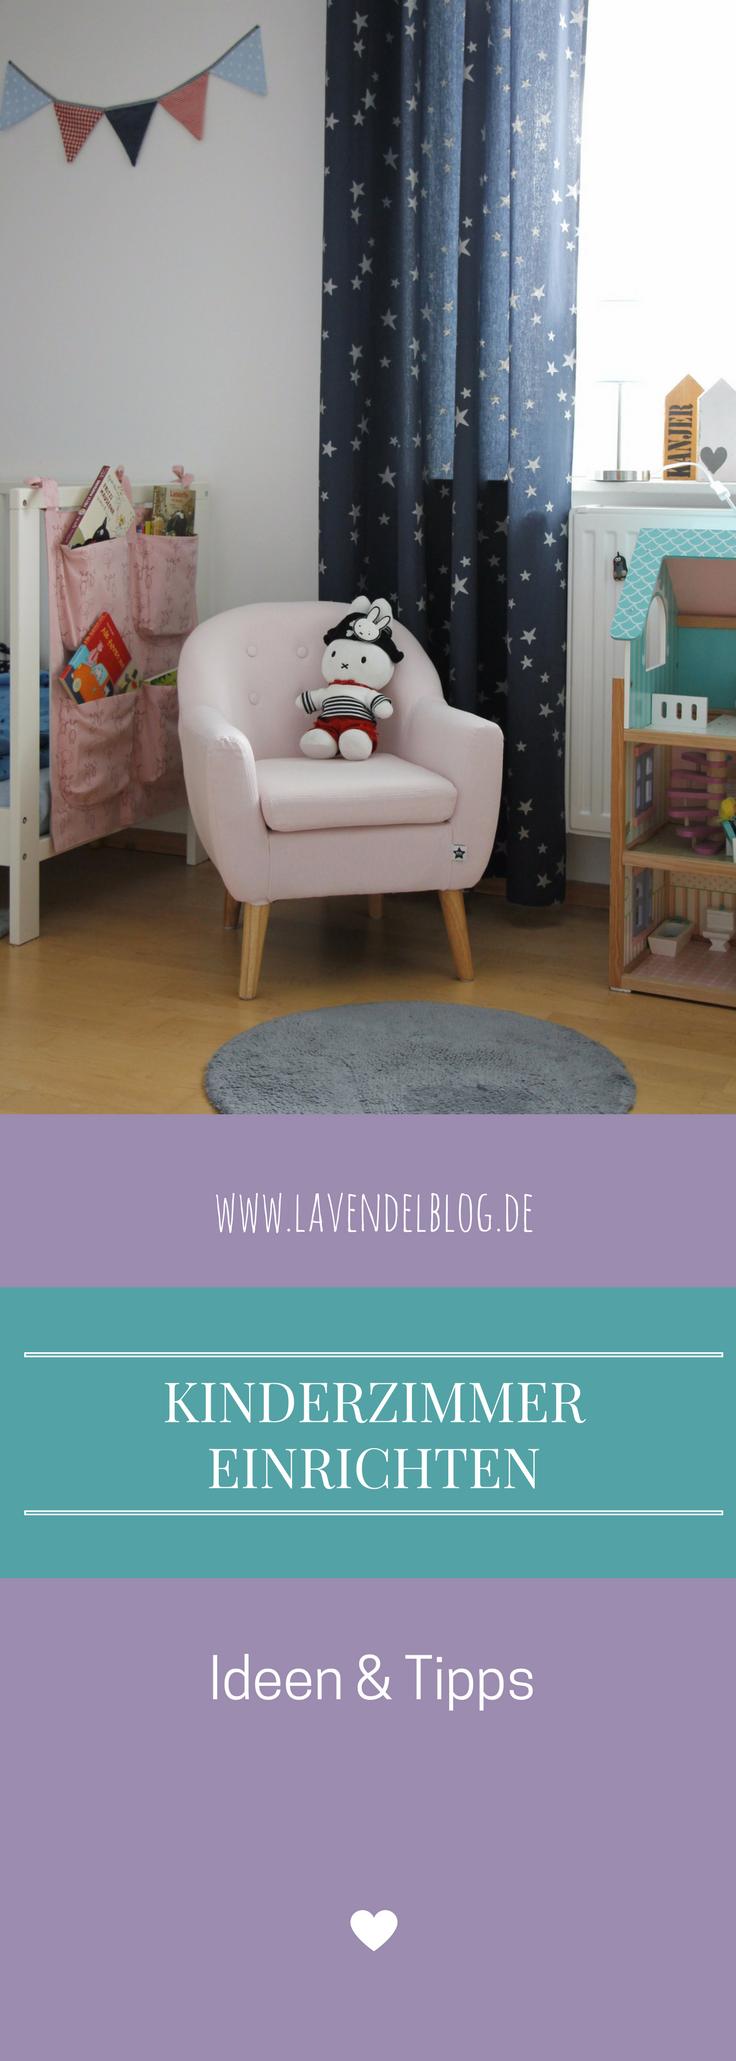 Kinderzimmer einrichten: Ideen & Tipps, wie ihr ein Kinderzimmer ... | {Kinderzimmer einrichten tipps 19}